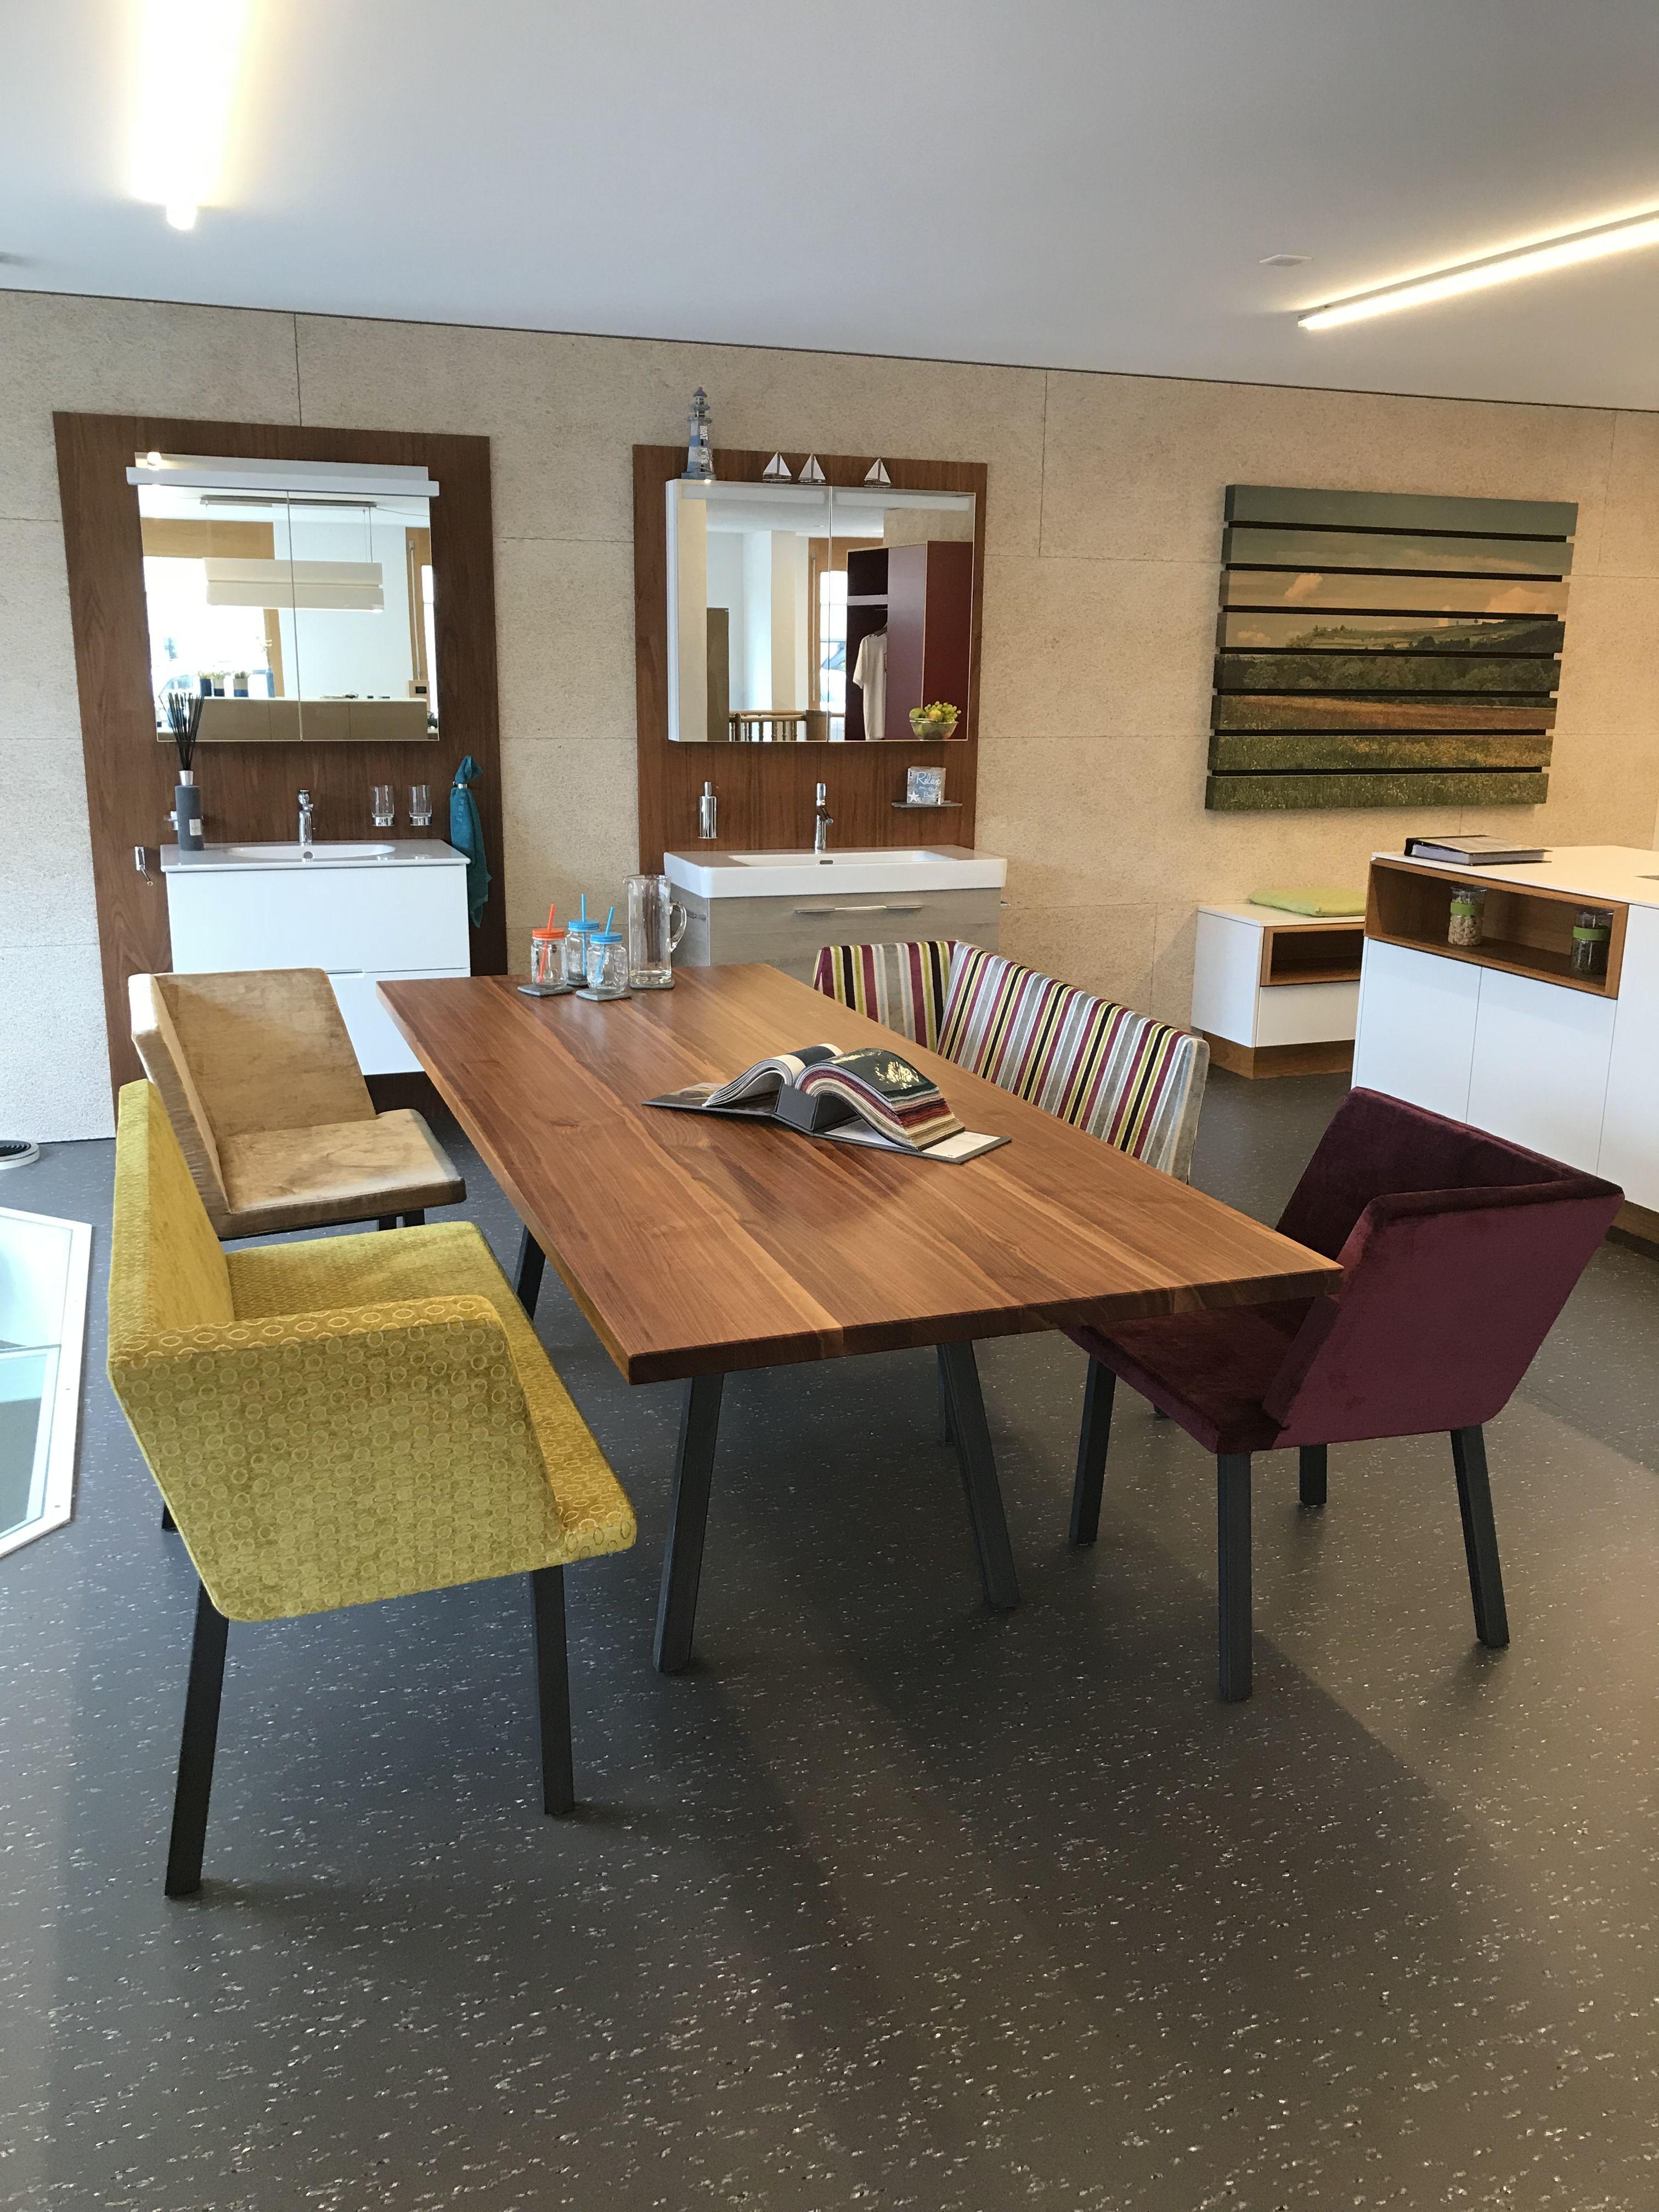 Tischsofa Leicht Zum Verschieben In Jeder Grosse Und Form Ob